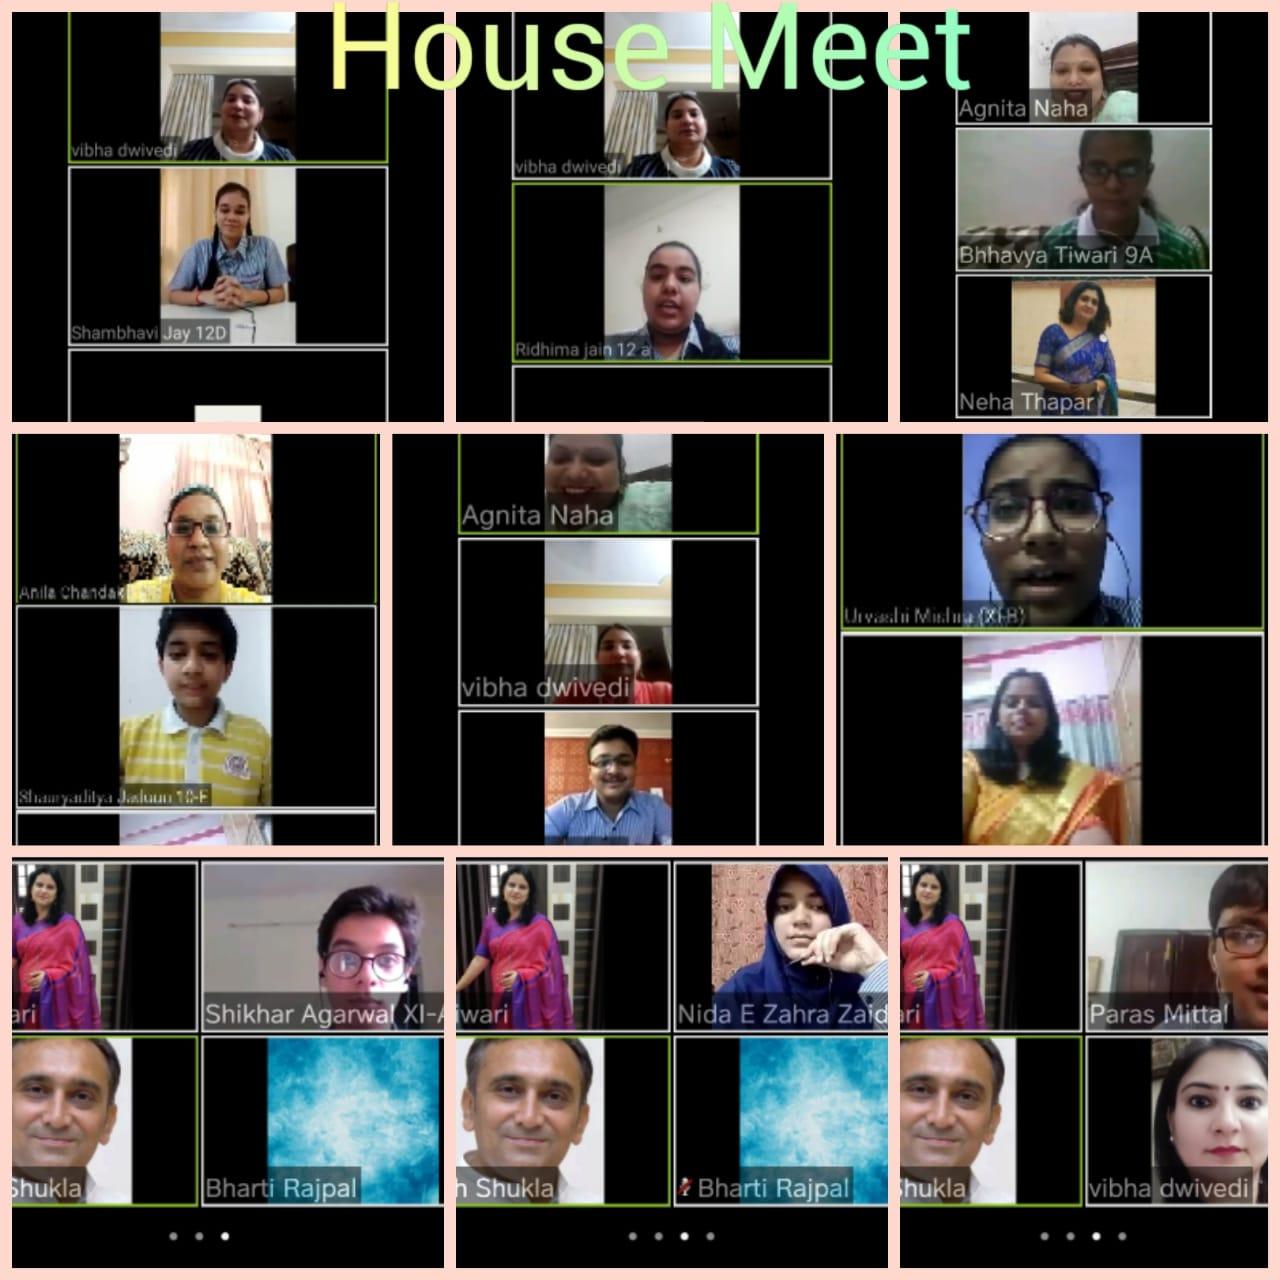 houseMeet